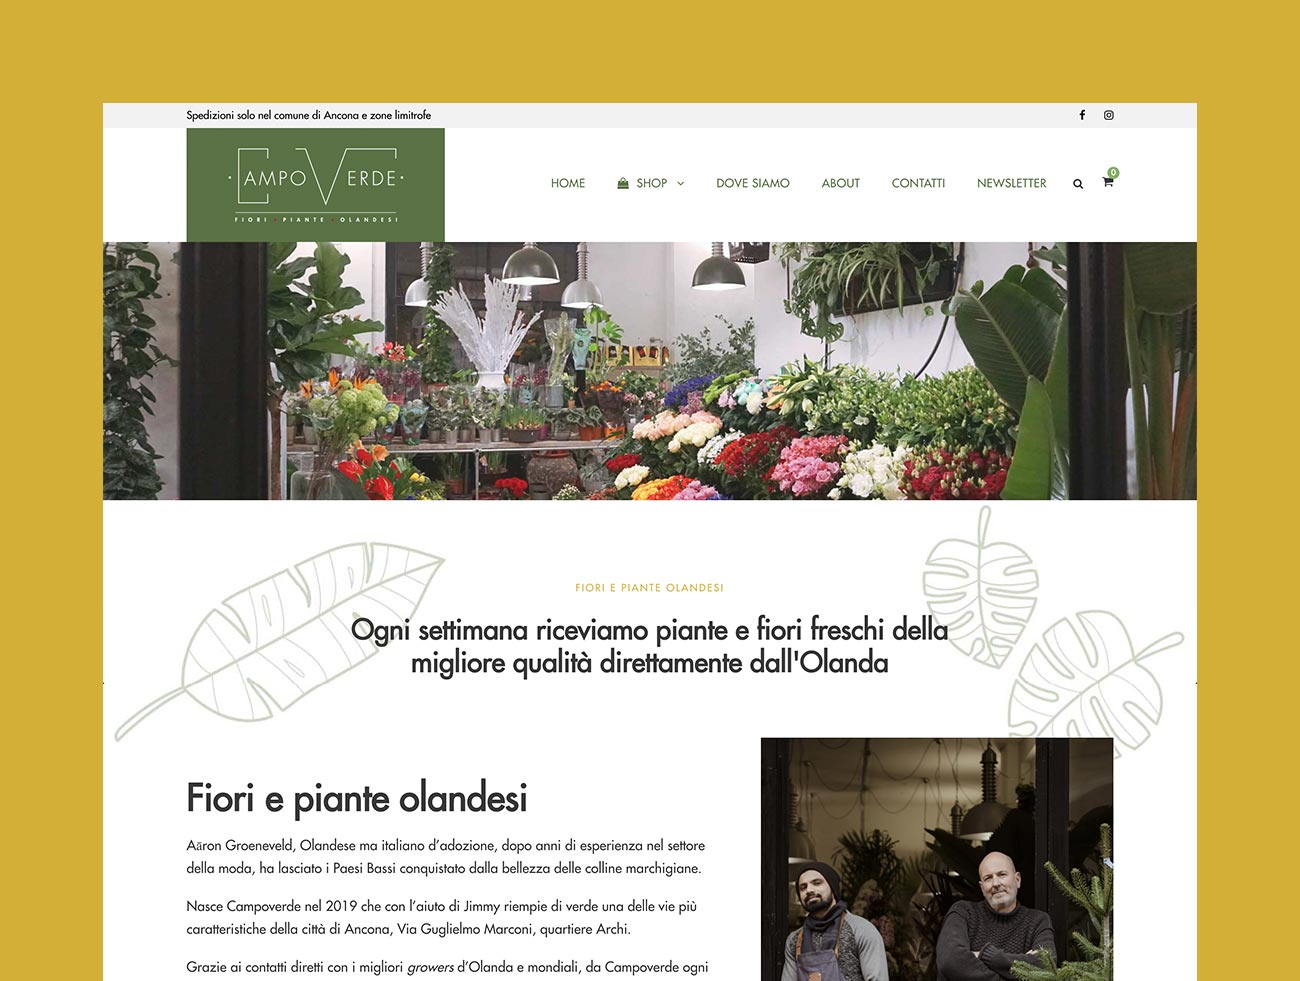 campoverde-fiori-piante-ancona-ecommerce-shop-online_02_gazpa